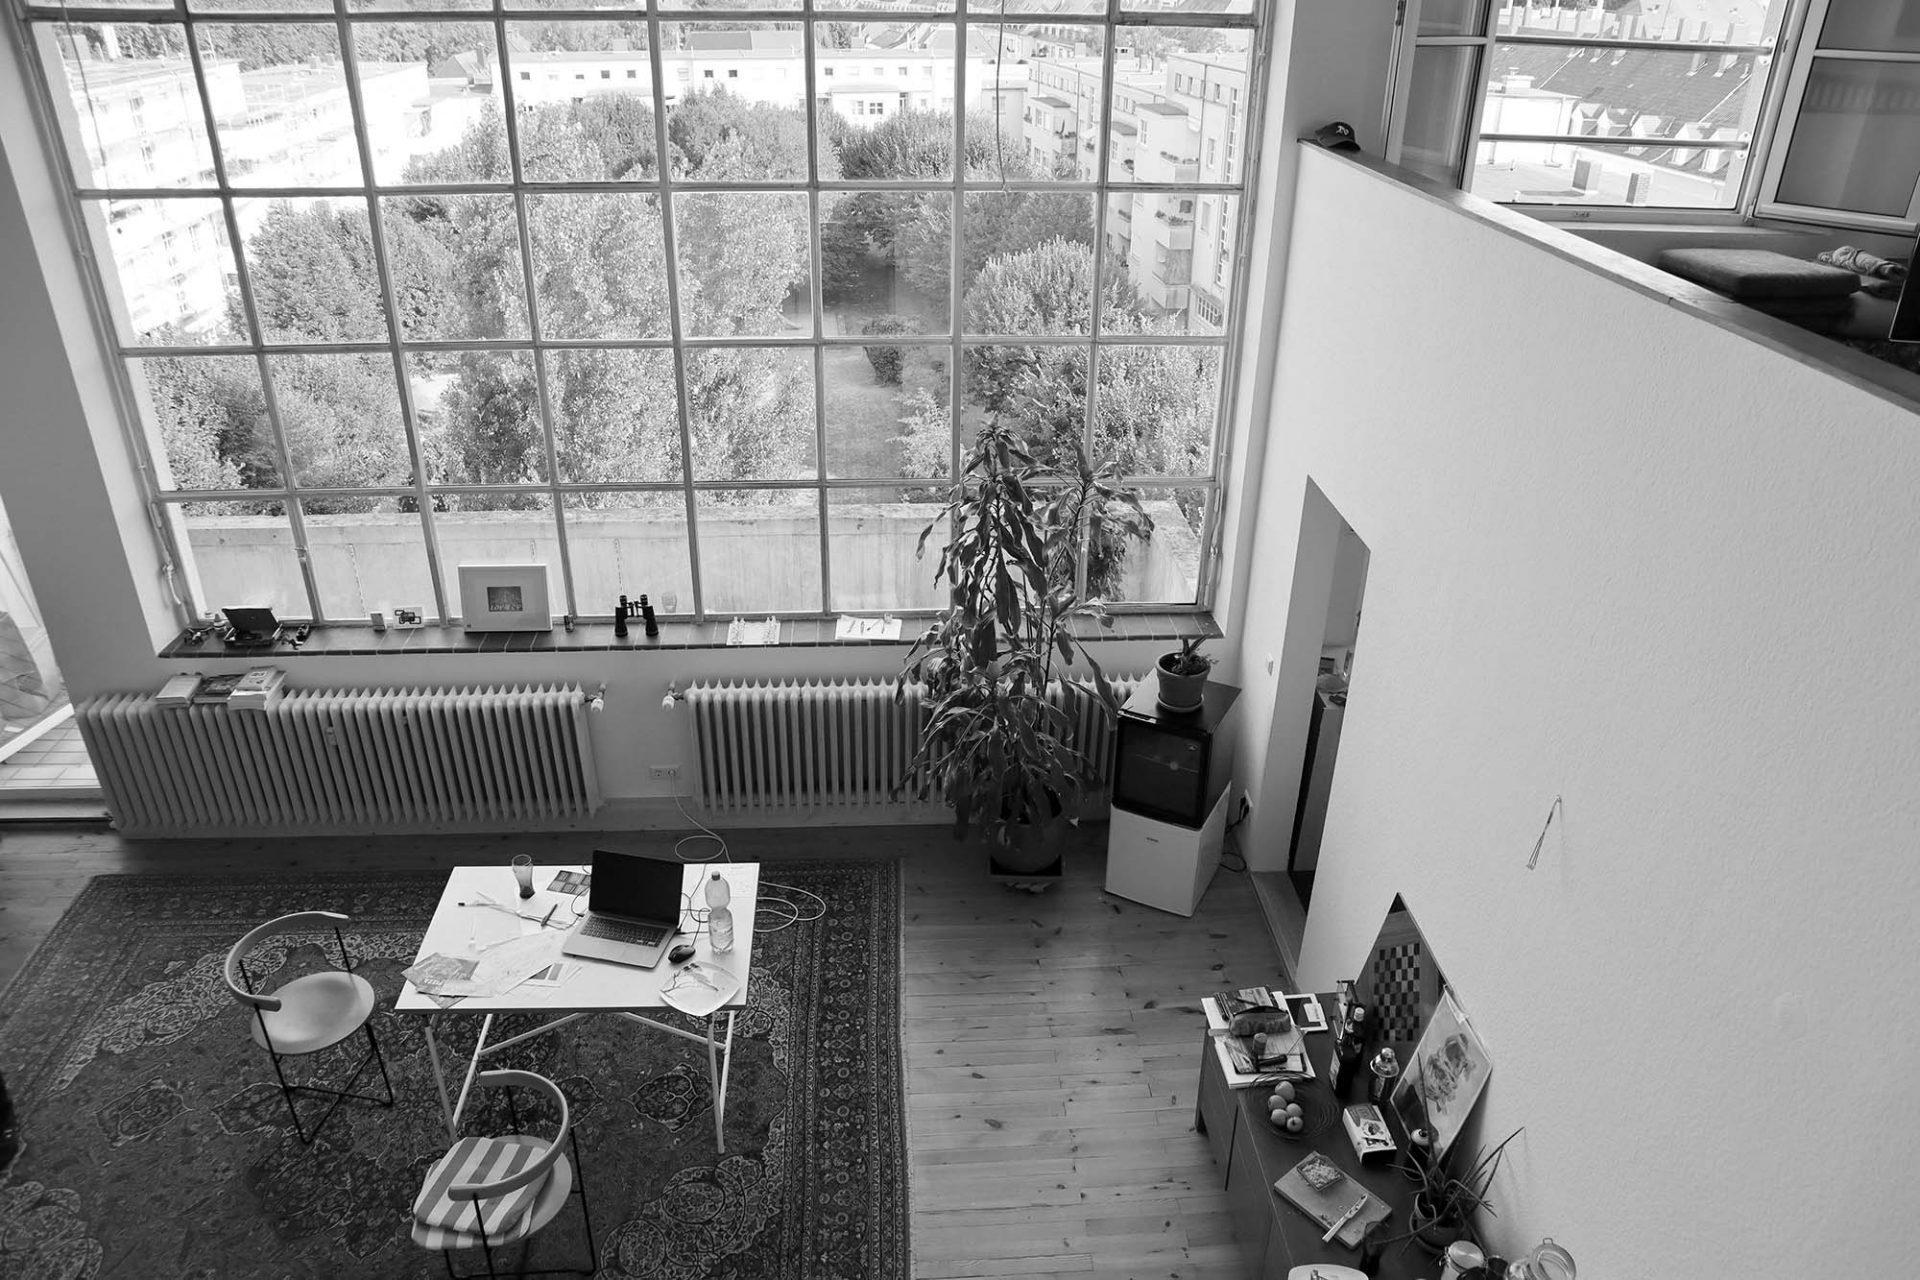 Alker-Block. Die beiden Ateliers im Obergeschoss des Flügels entlang der Ebertstraße bezogen zunächst der mit Alker befreundete Kunstmaler Braun und der Grafiker Hermann Kupferschmid. Nach dem Zweiten Weltkrieg richtete sich Egon Eiermann in den zusammengelegten Ateliers sein Architekturbüro ein.